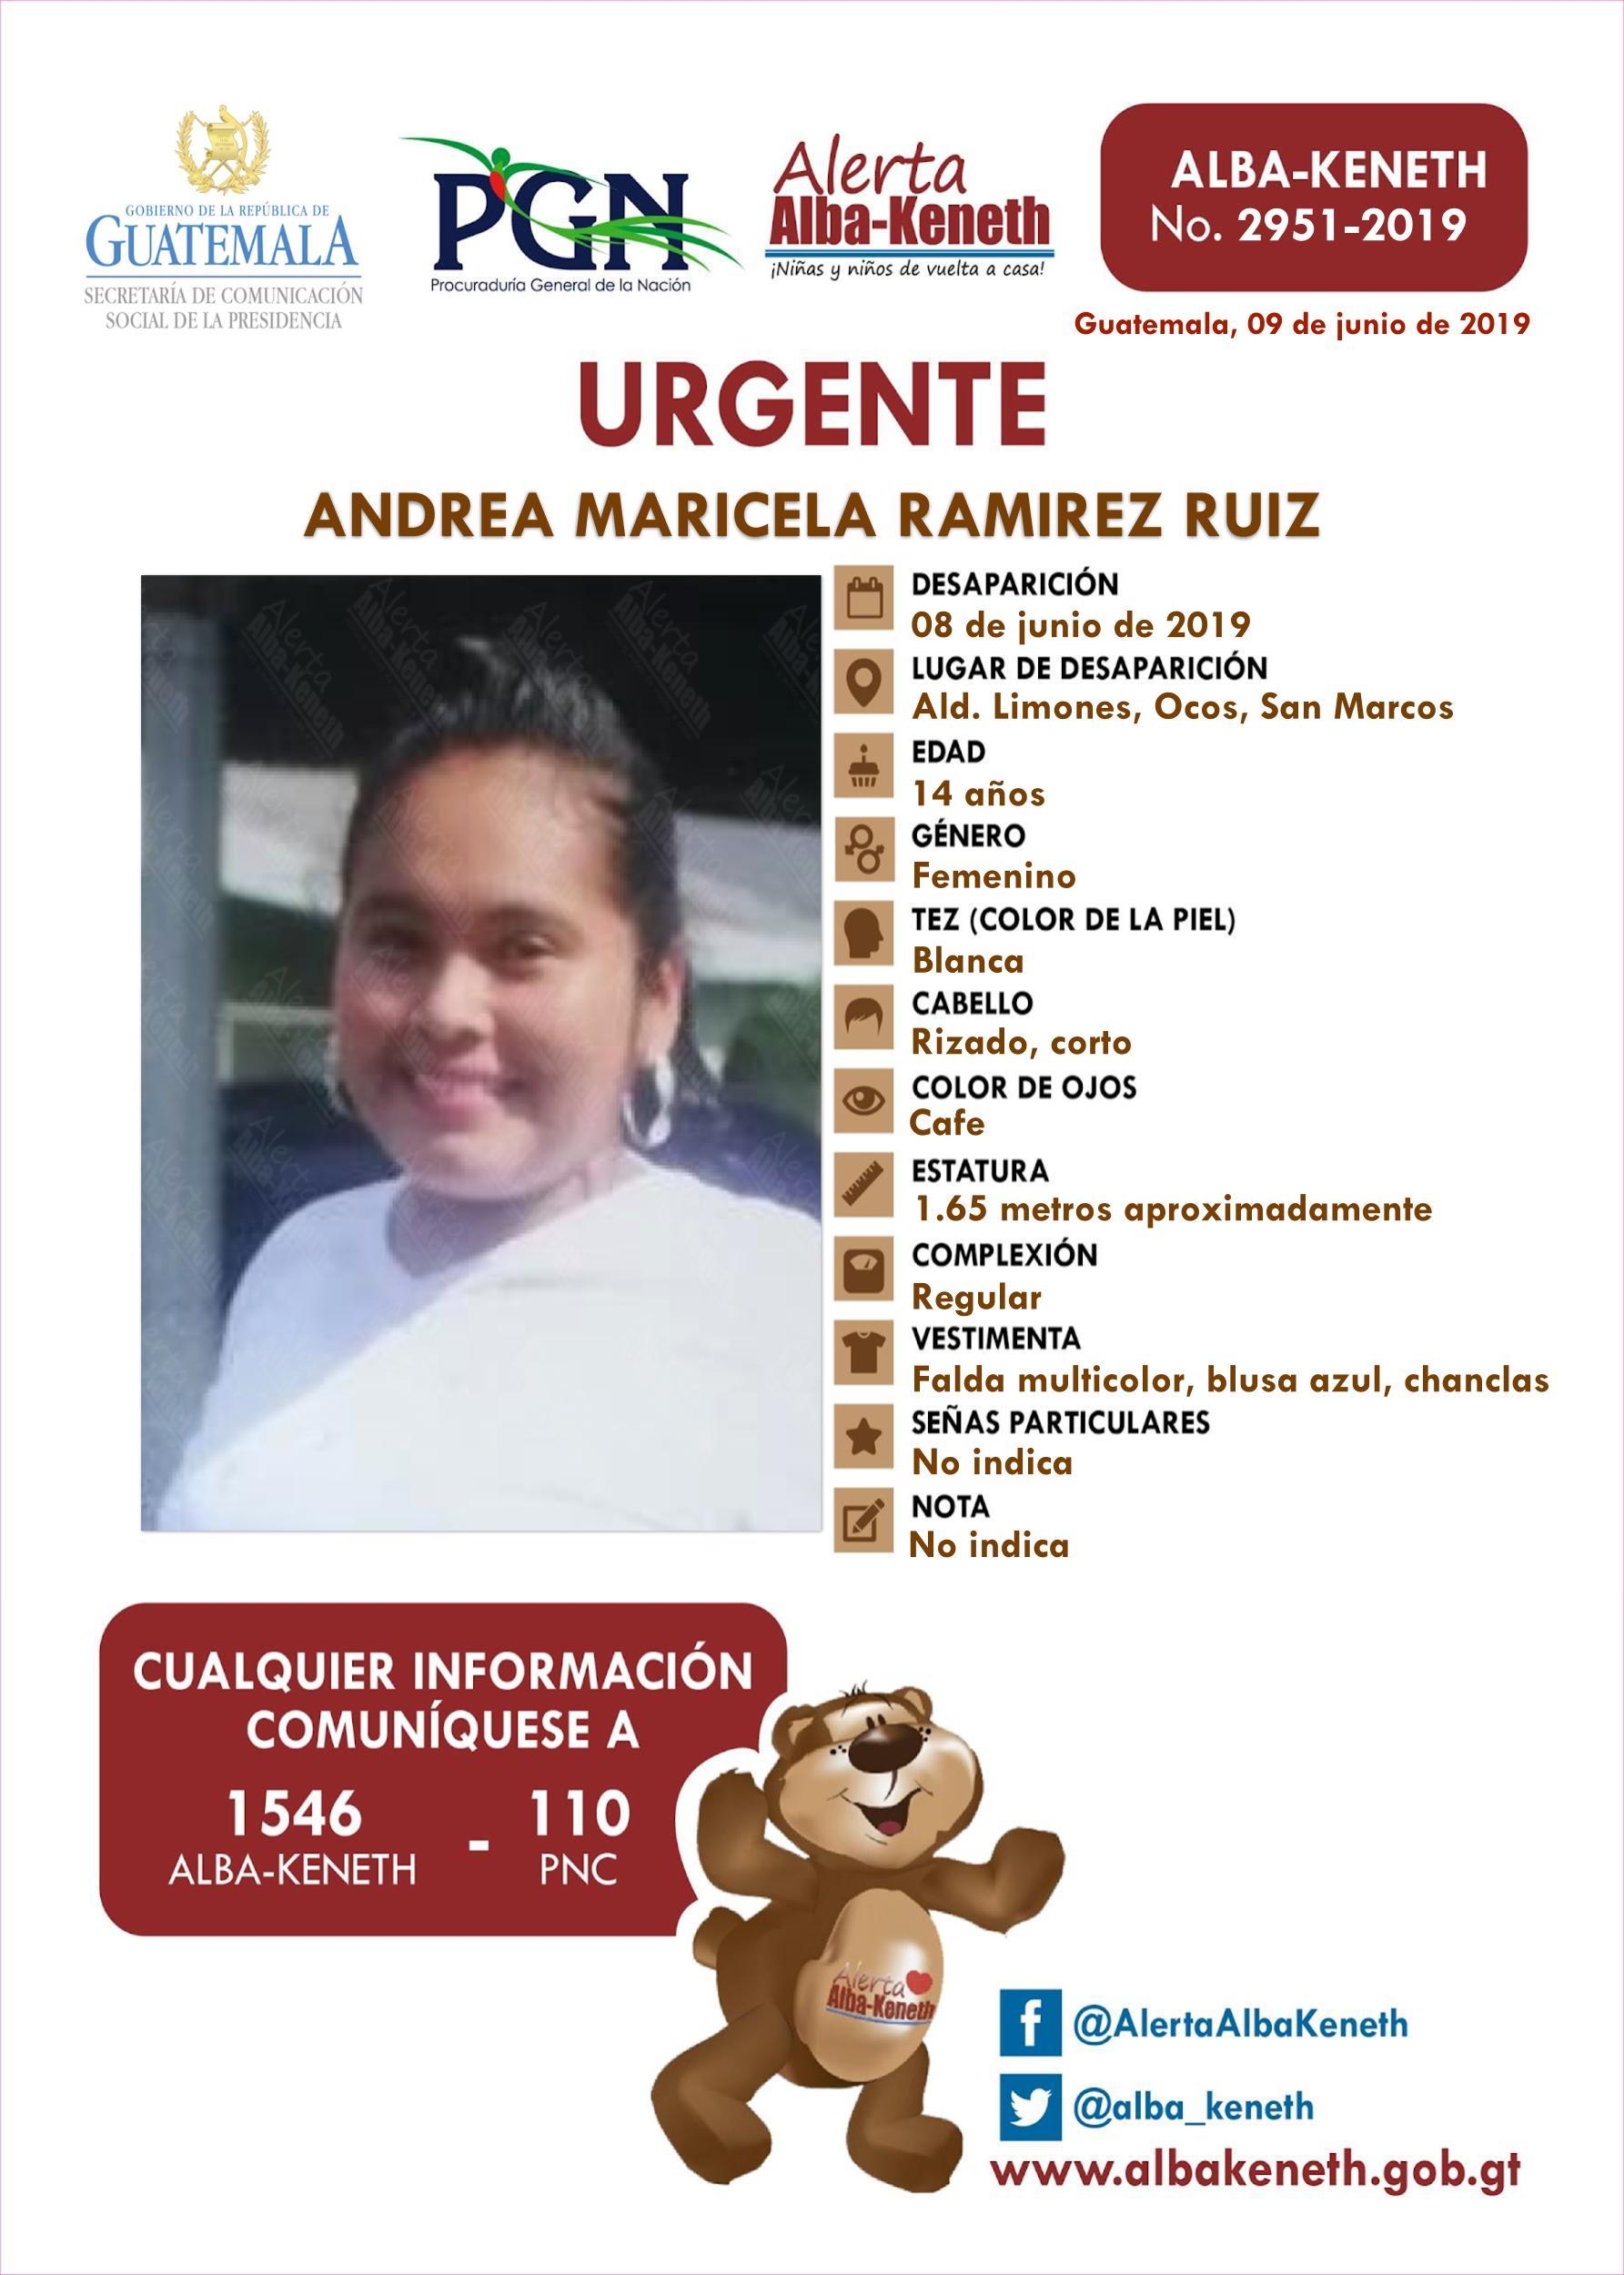 Andrea Maricela Ramirez Ruiz